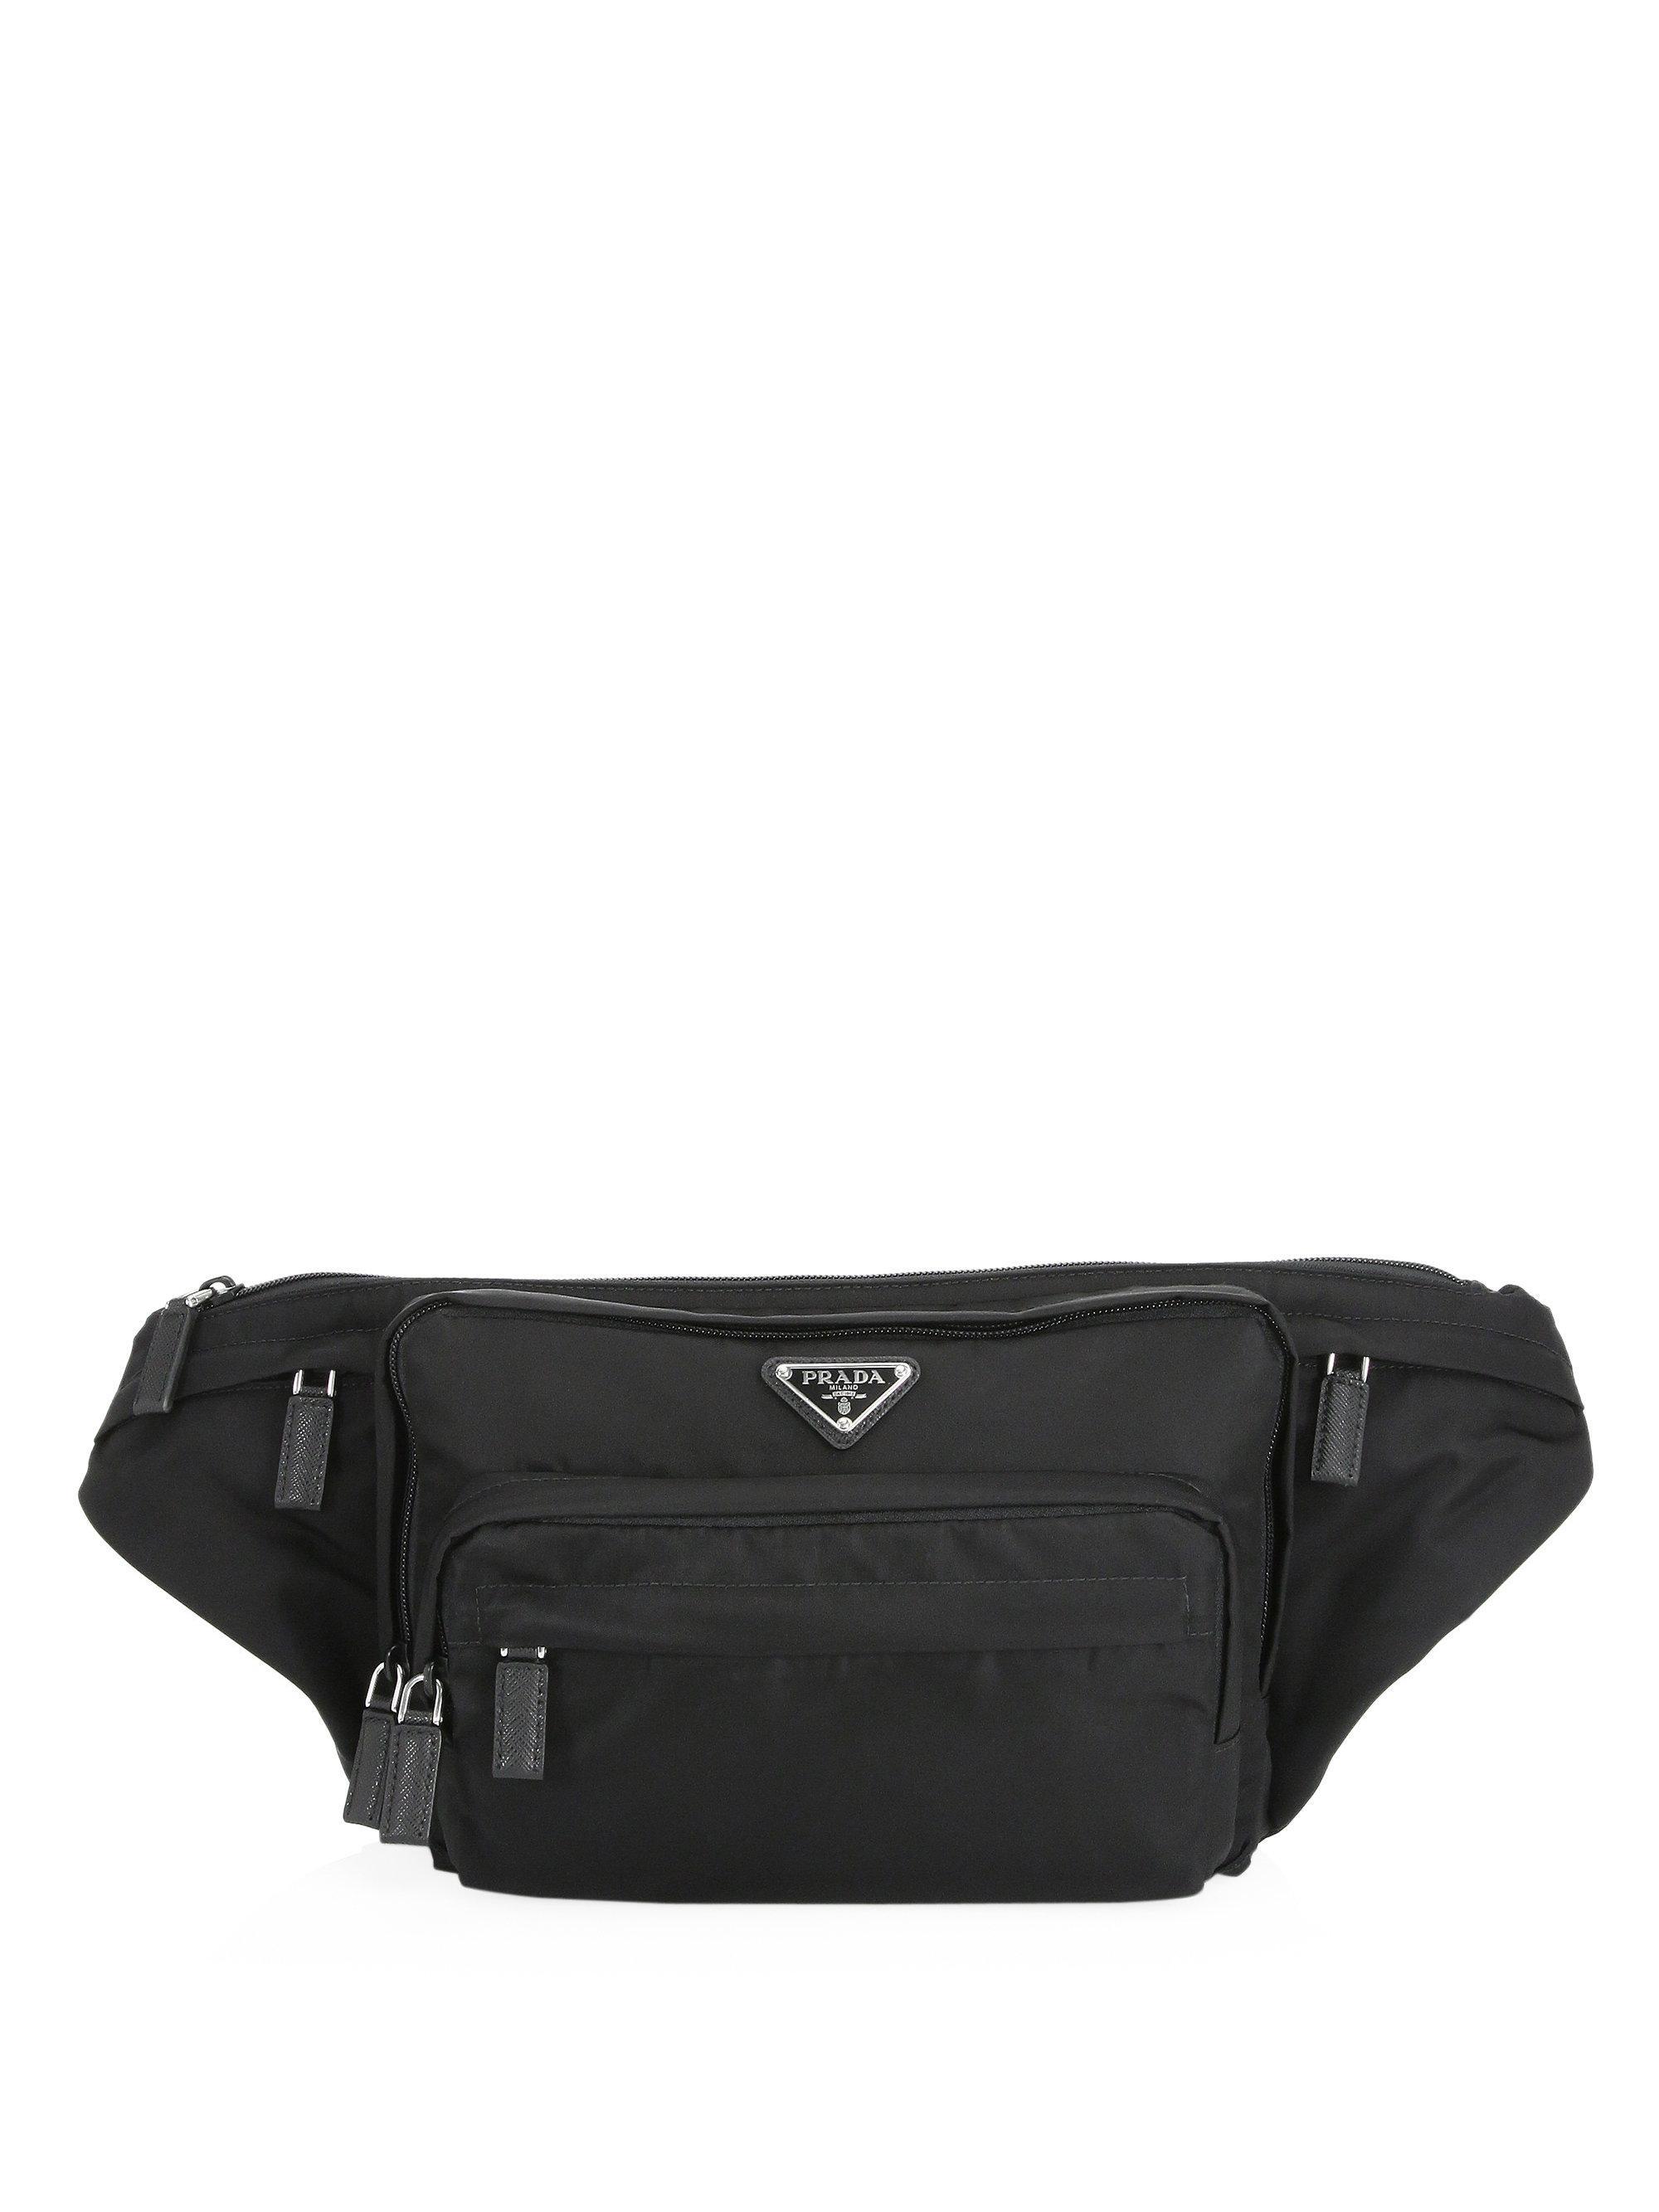 440b790273f9 ... order prada nylon waist bag in black for men lyst 2c239 18331